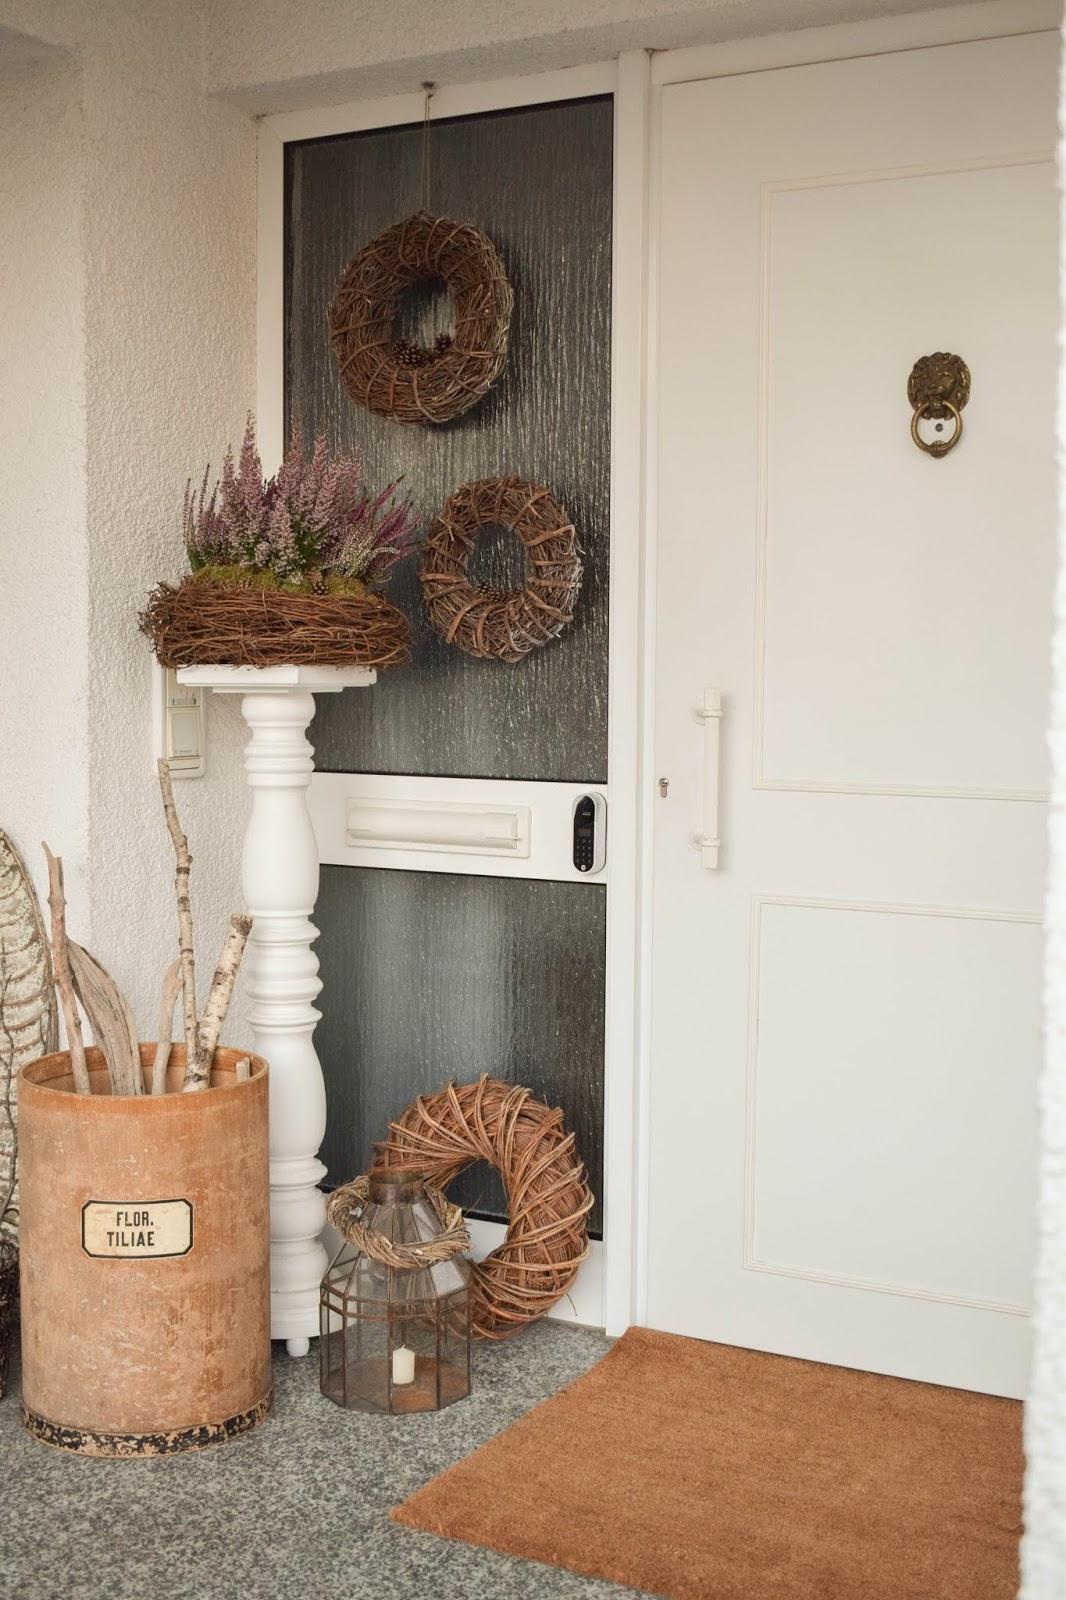 Dekoidee Natur Herbst Kränze Eingang Tür natürlich dekorieren Renovierung Tür, Eingang, Diele. Yale Entr Smartlock: smartes Türschloss für Haustüre. Schliesssystem und intelligente Schliessloesung. Smart Home Ideen